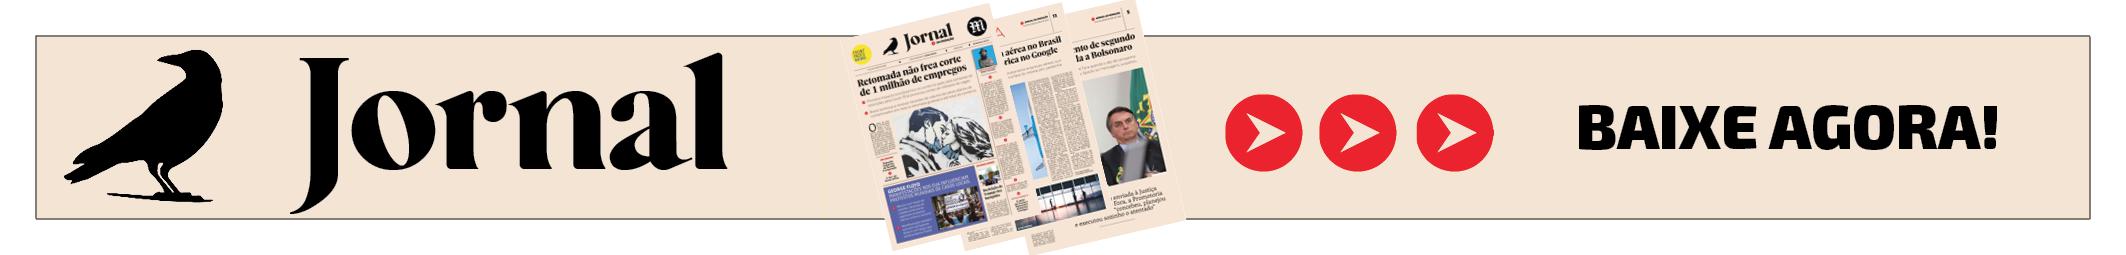 Jornal da Redação - Banner